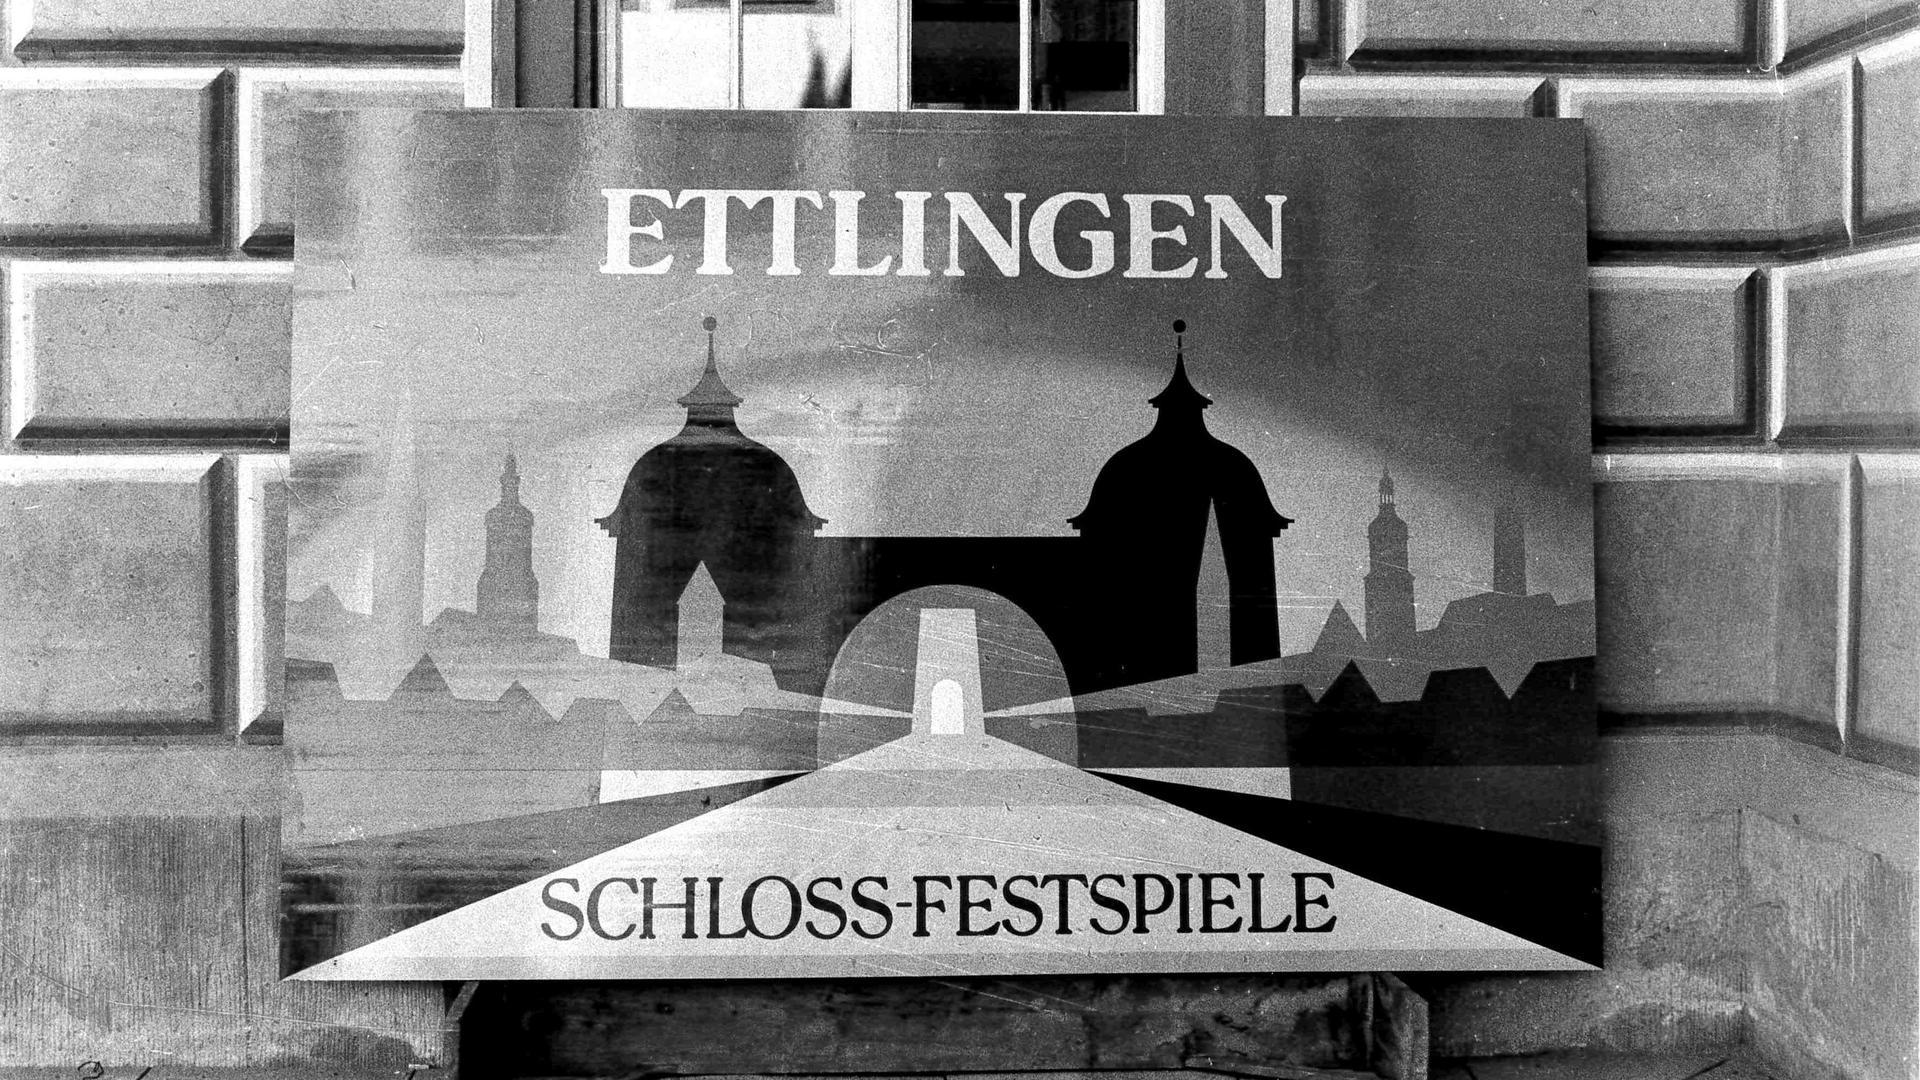 Ettlingen als Festspielstadt: Die Plakattafel, die an den Einfahrten aufgestellt wurde, hat der Maler Hardy Schneider-Sato geschaffen. Von ihm stammt auch der Entwurf des Festspielemblems.